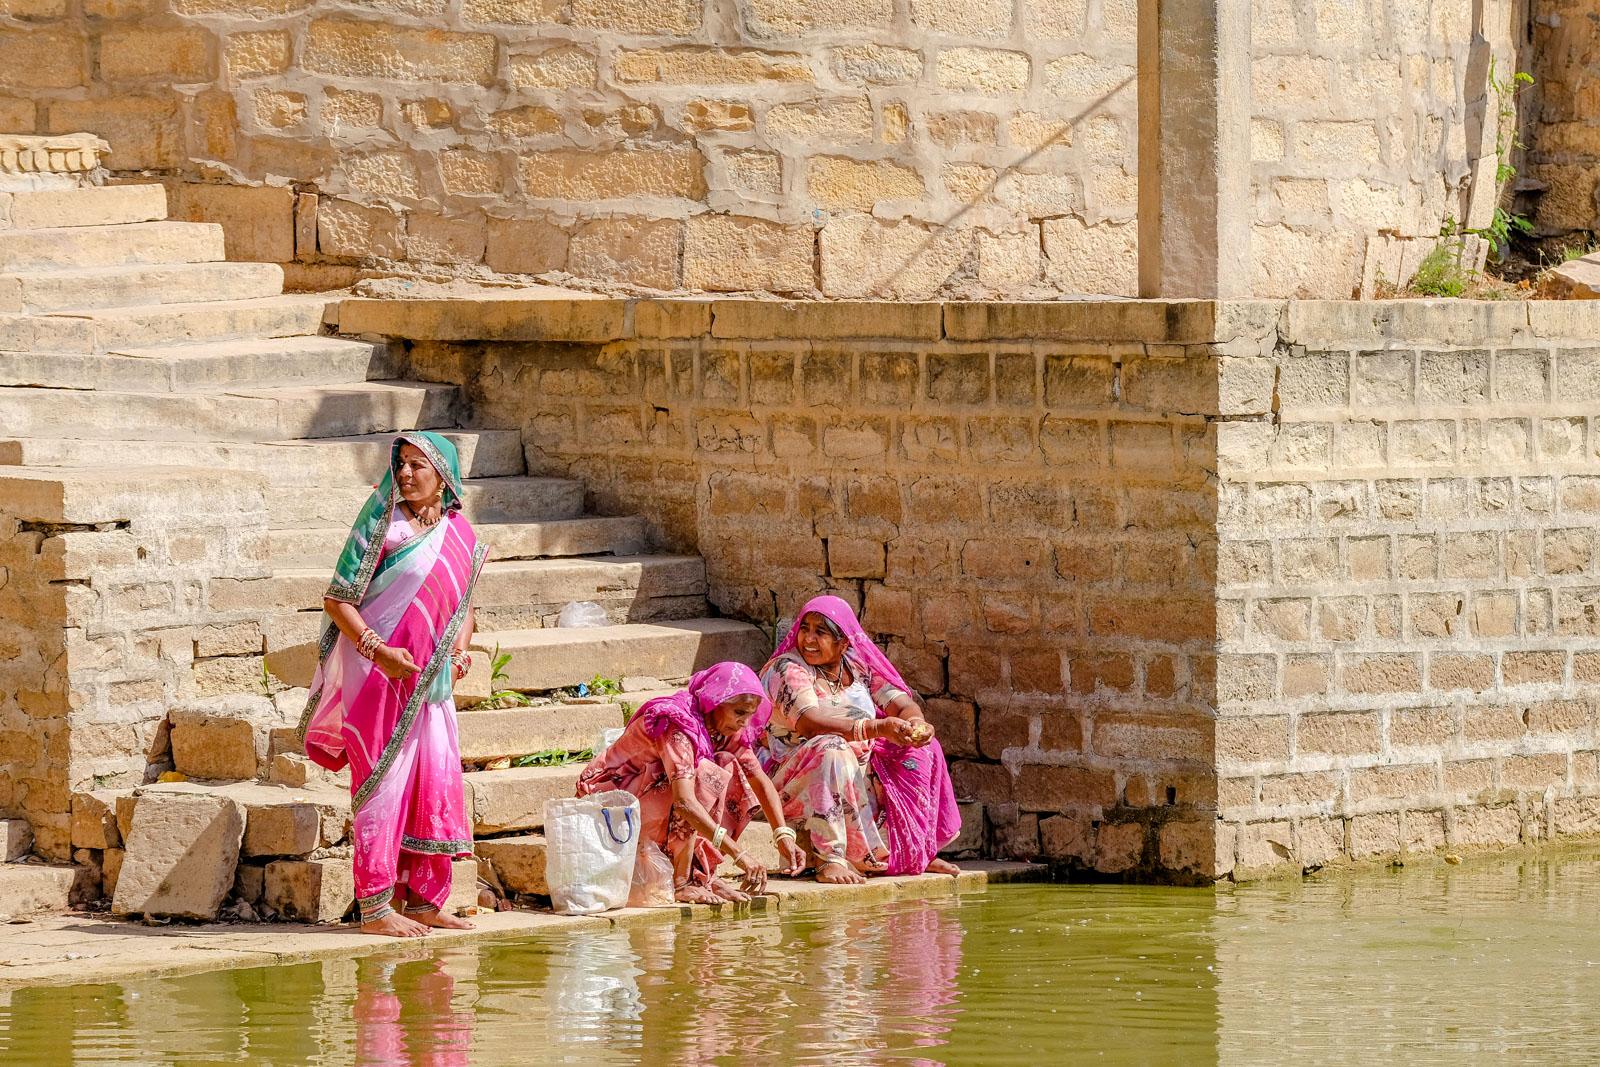 façons de devenir riche en inde